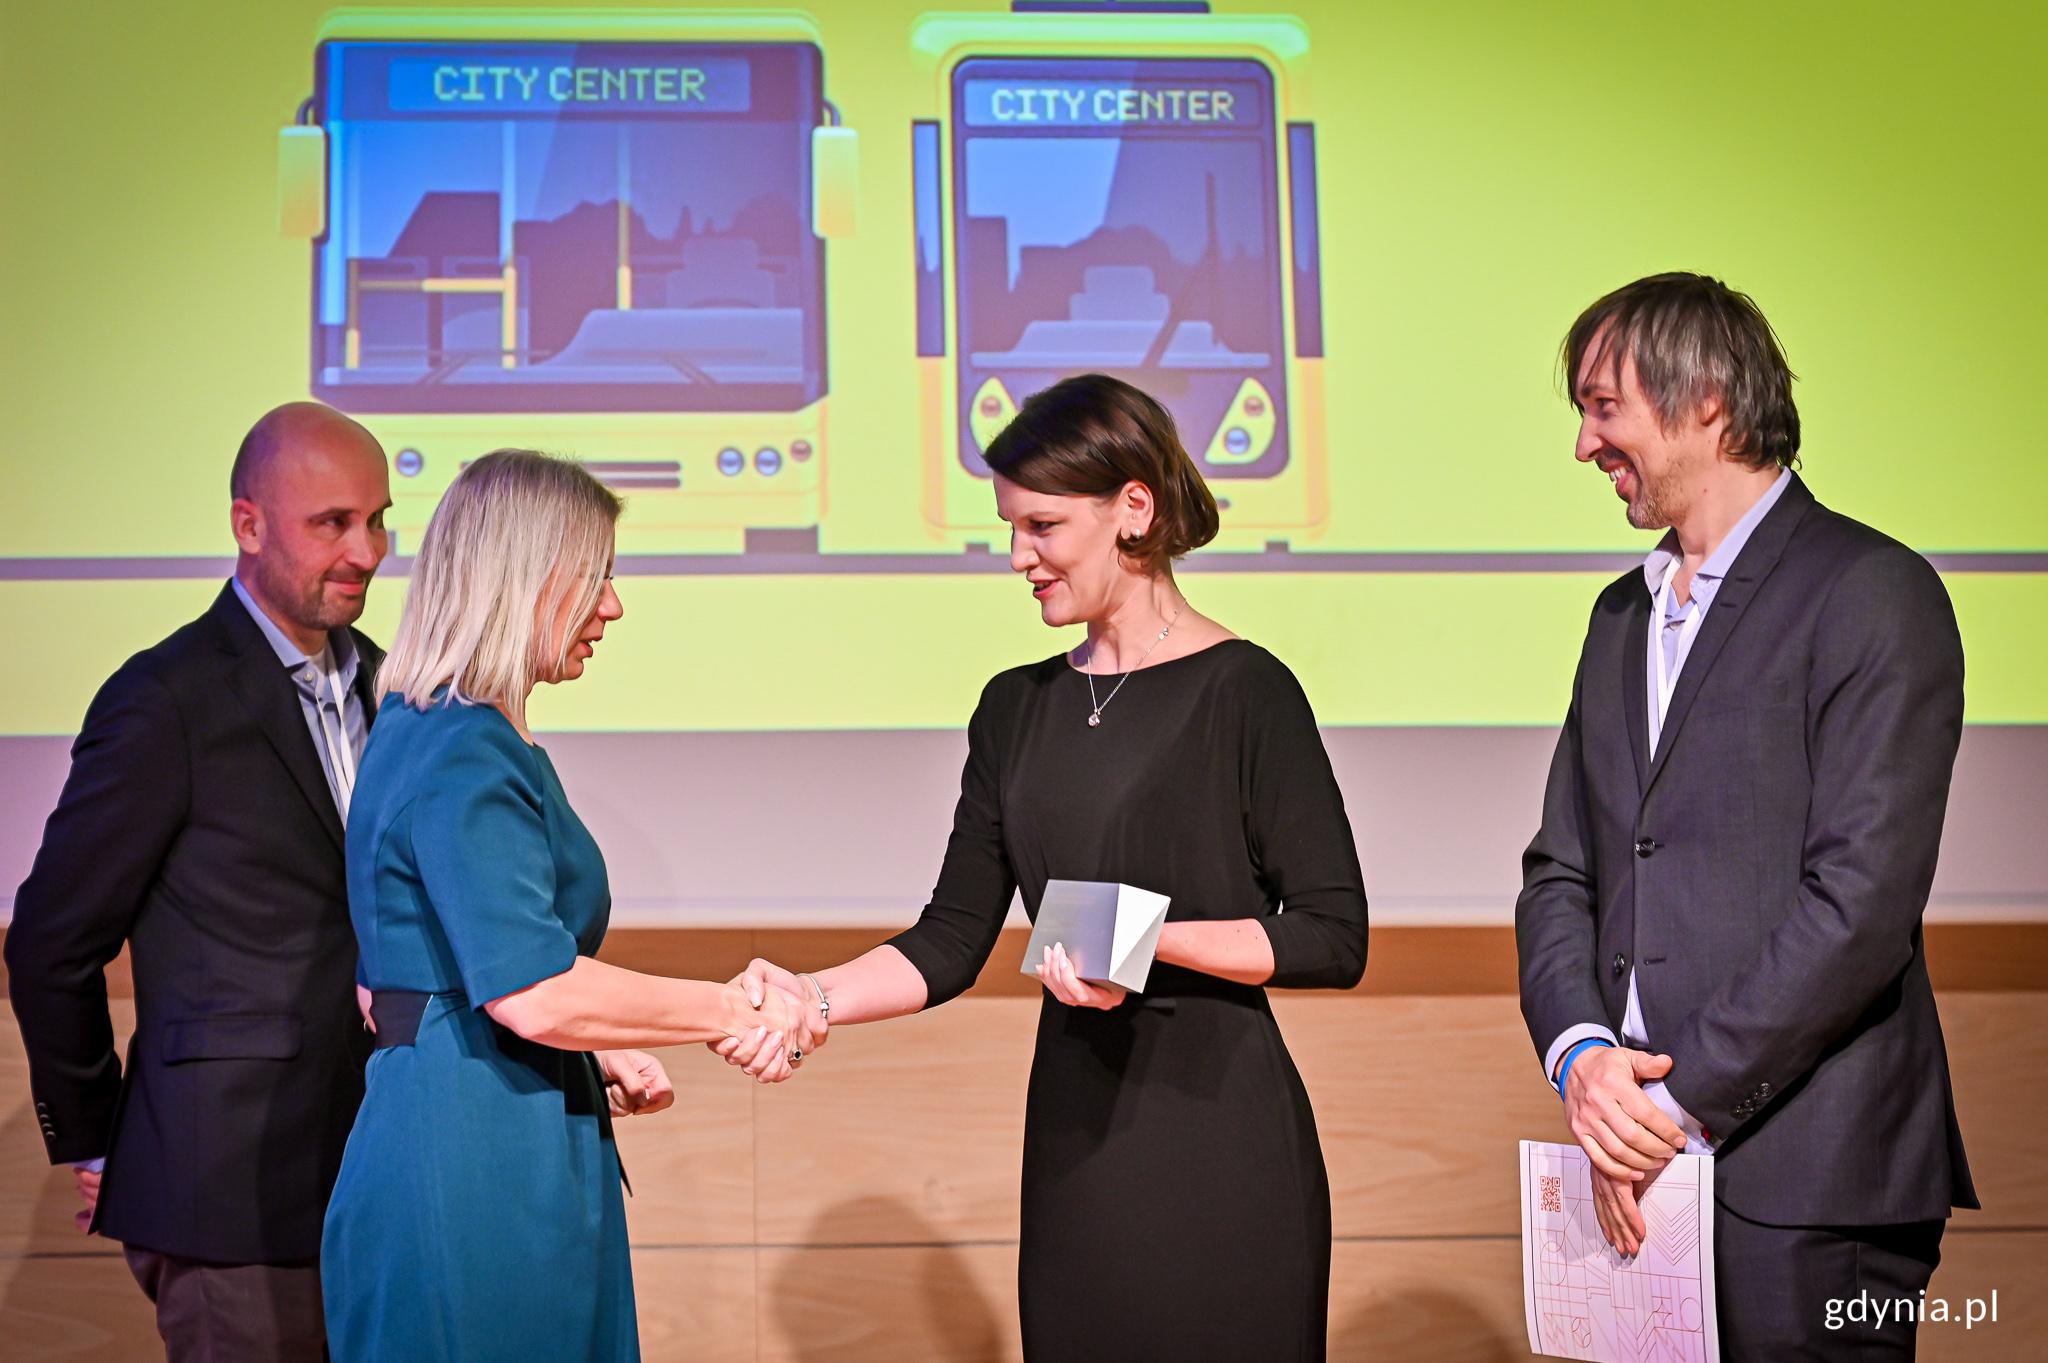 Wieczorna gala wręczenia nagród liderom lokalnej e-mobilności w polskich miastach - Katarzyna Gruszecka Spychała i Elżbieta Bieńkowska, fot. Jacek Klejment